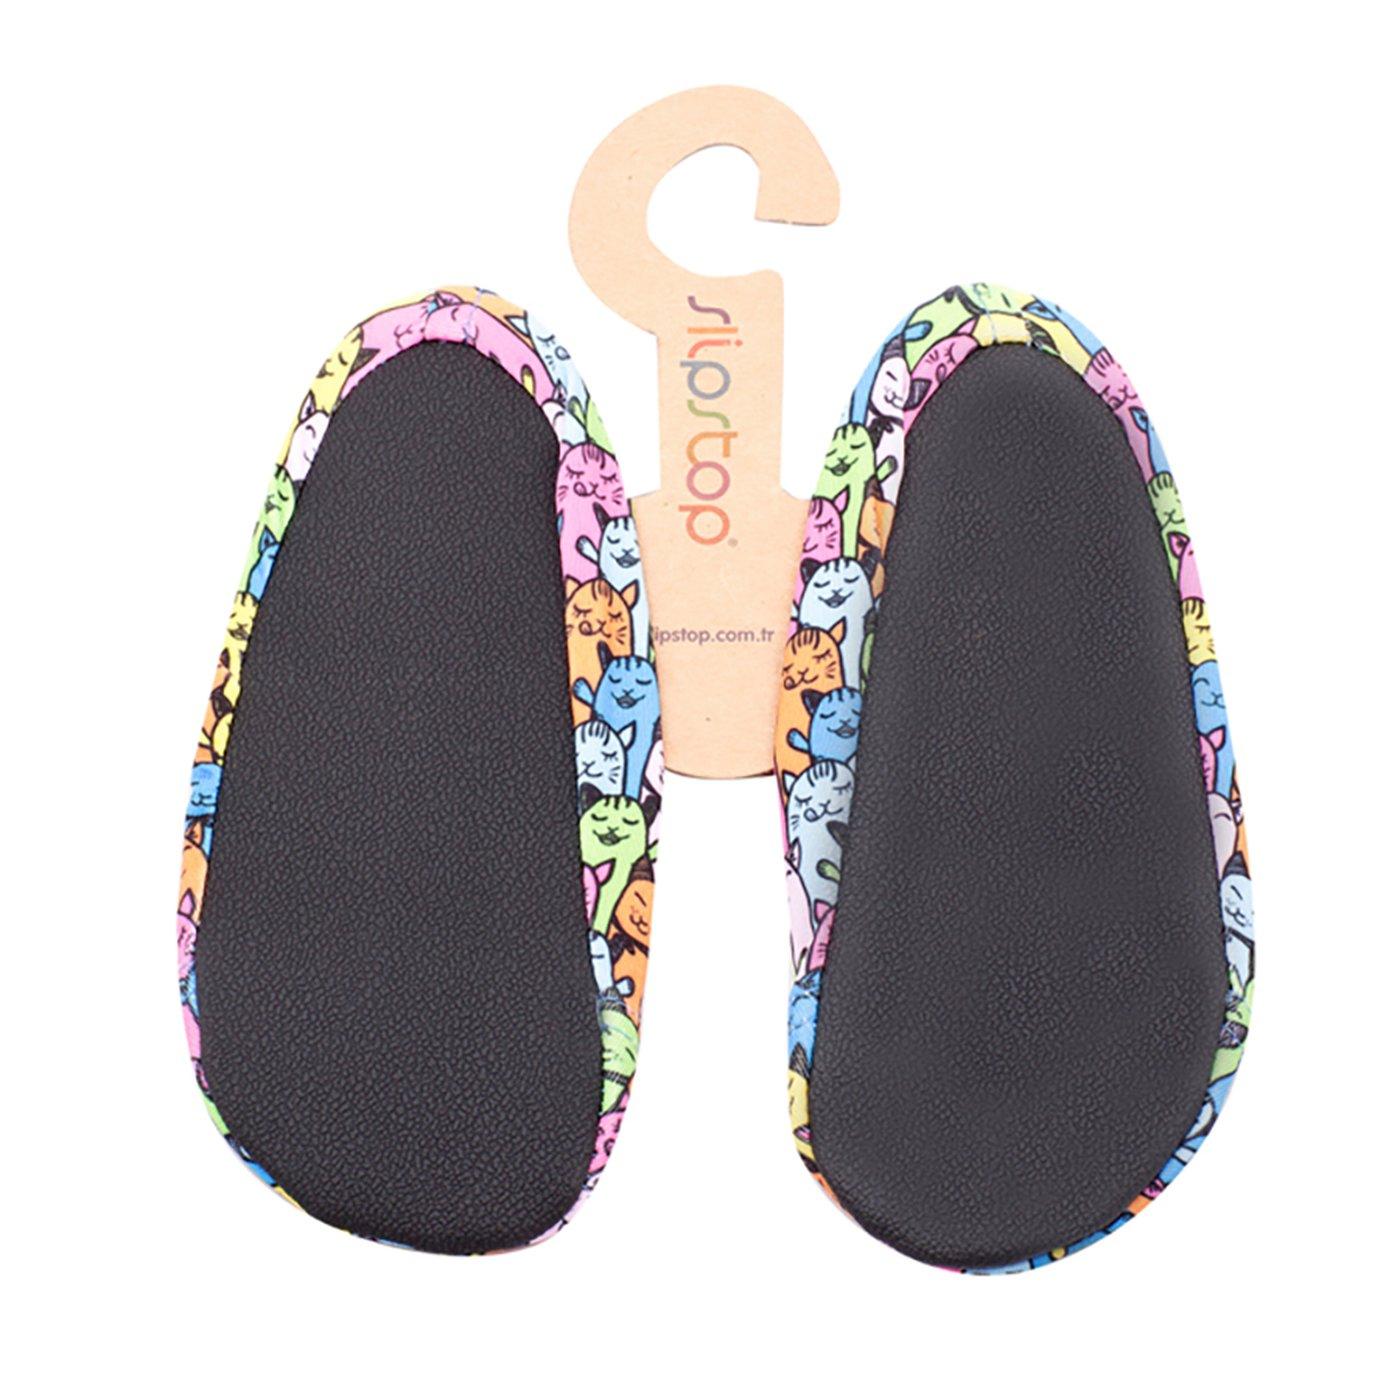 Slipstop Kitty Renkli Çocuk Havuz Ayakkabısı